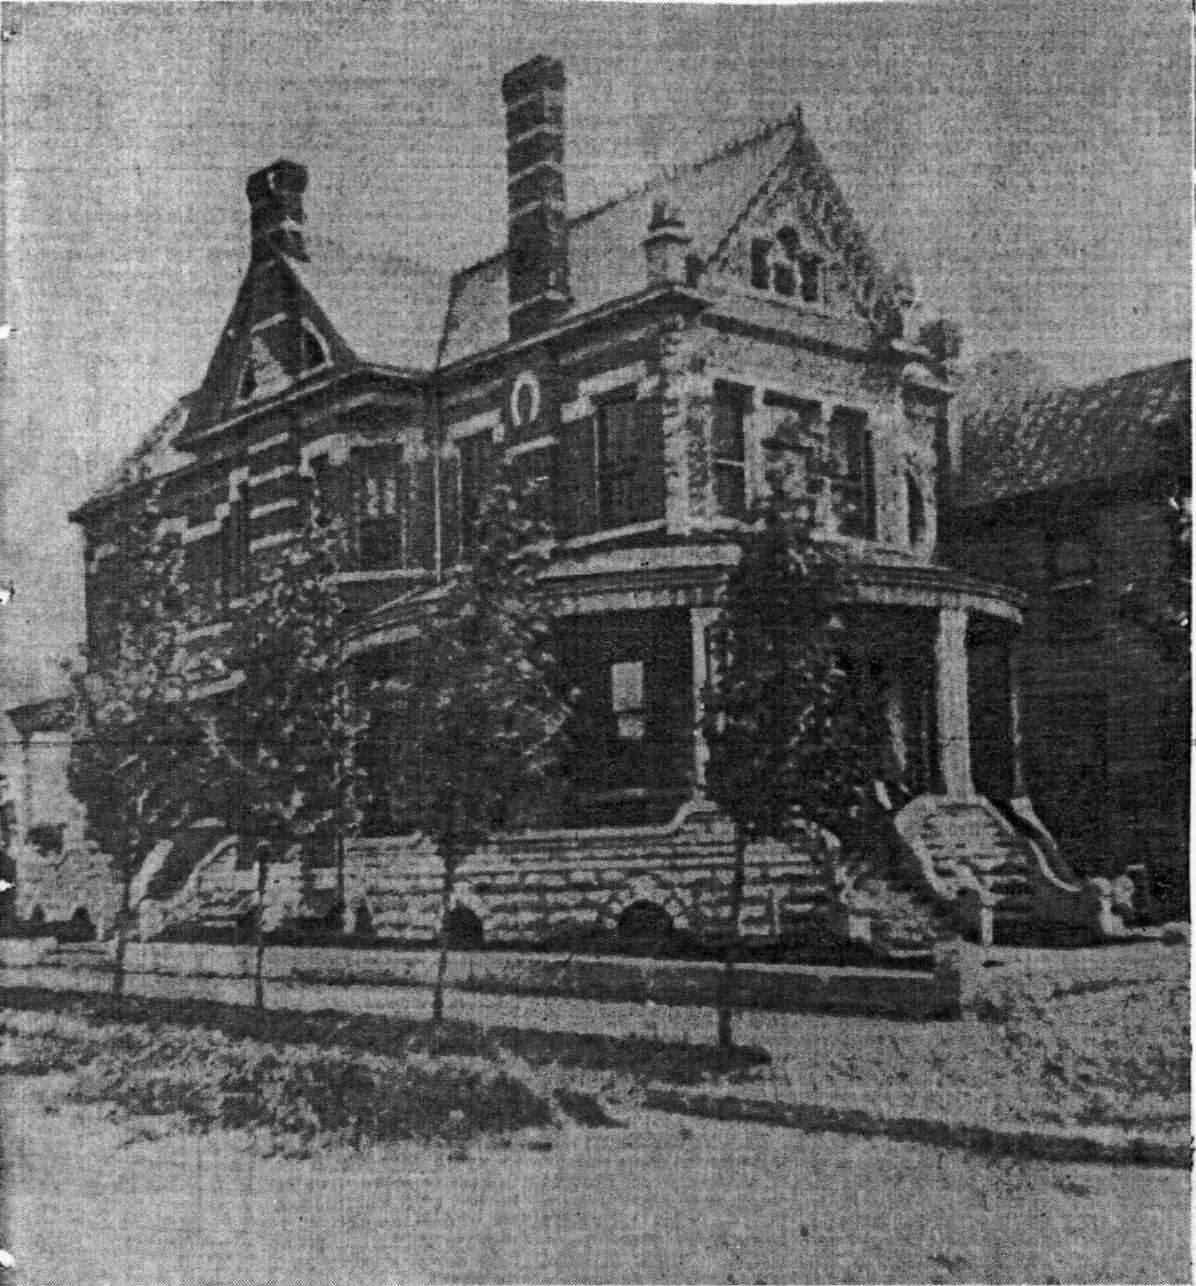 The house circa 1915